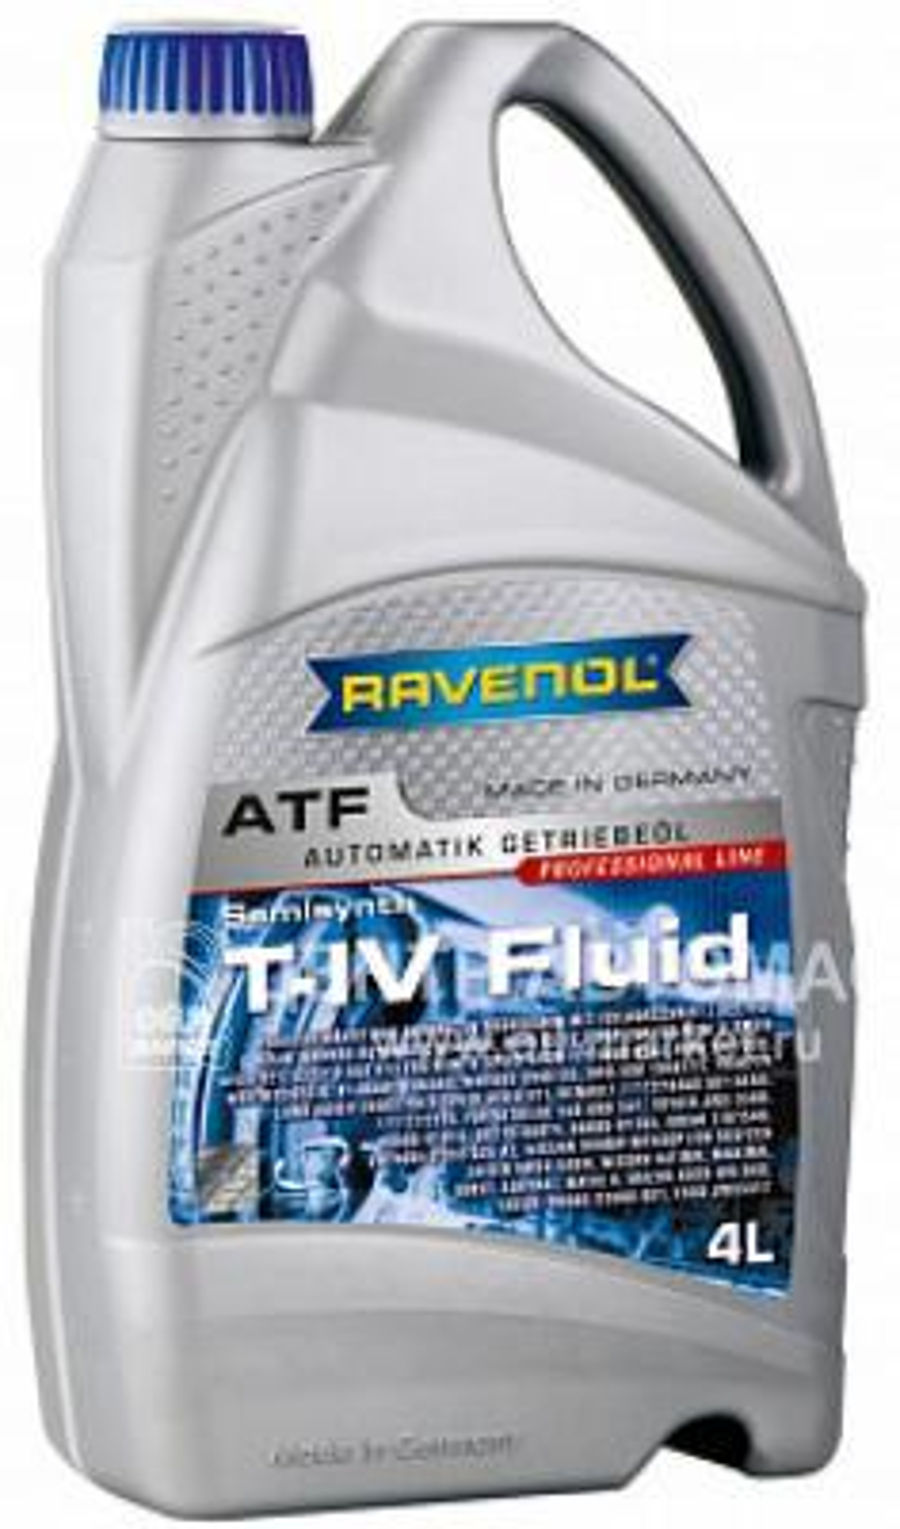 Трансмиссионное масло ravenol atf t-iv fluid ( 4л) new